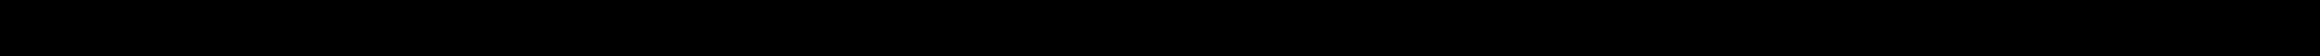 OSRAM D2S Zarnica, zaromet z dolgo lucjo